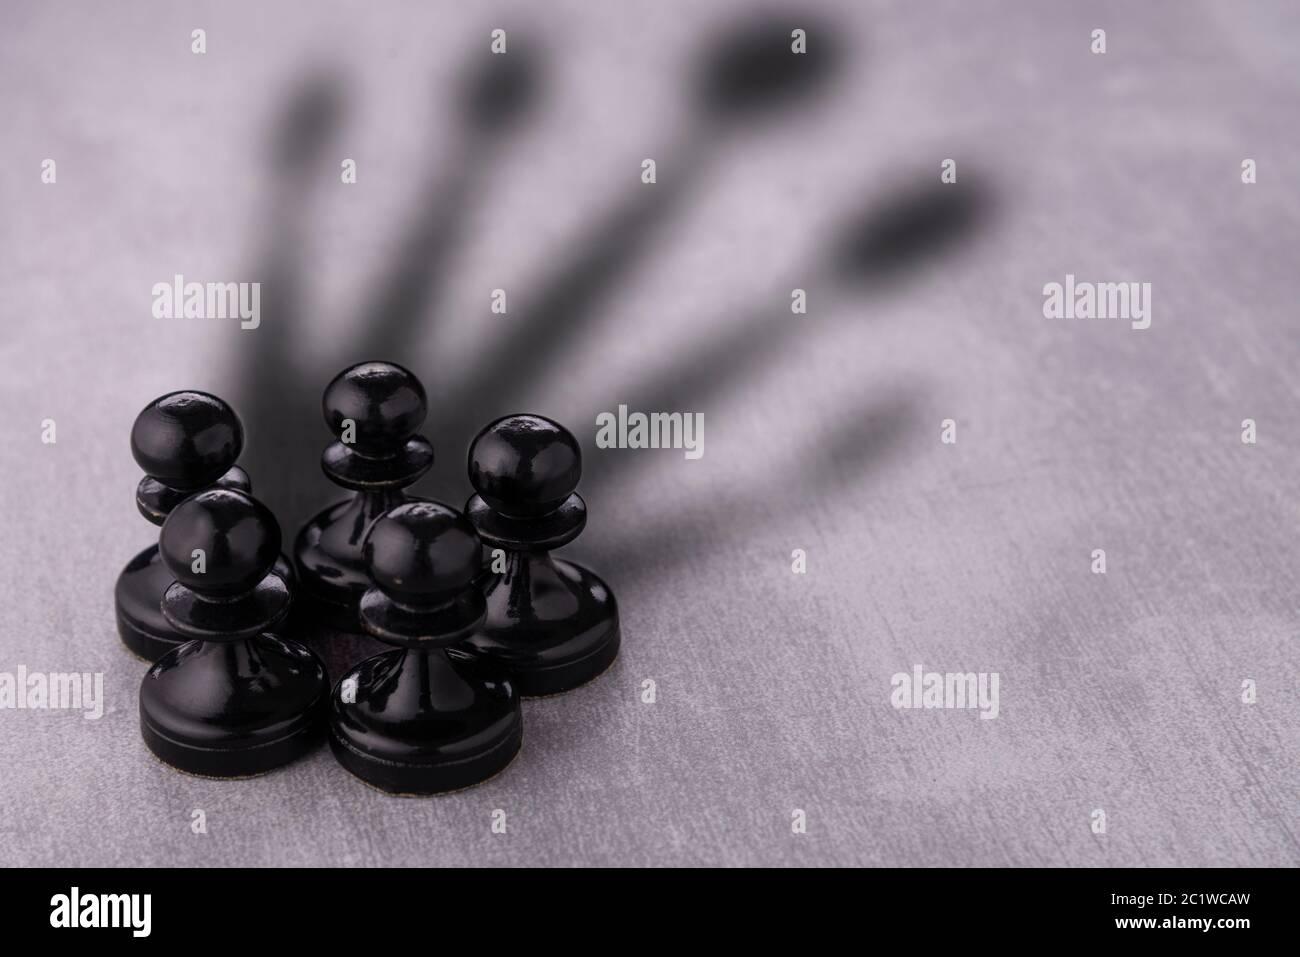 cercle de pion d'échecs avec ombre en forme de couronne Banque D'Images